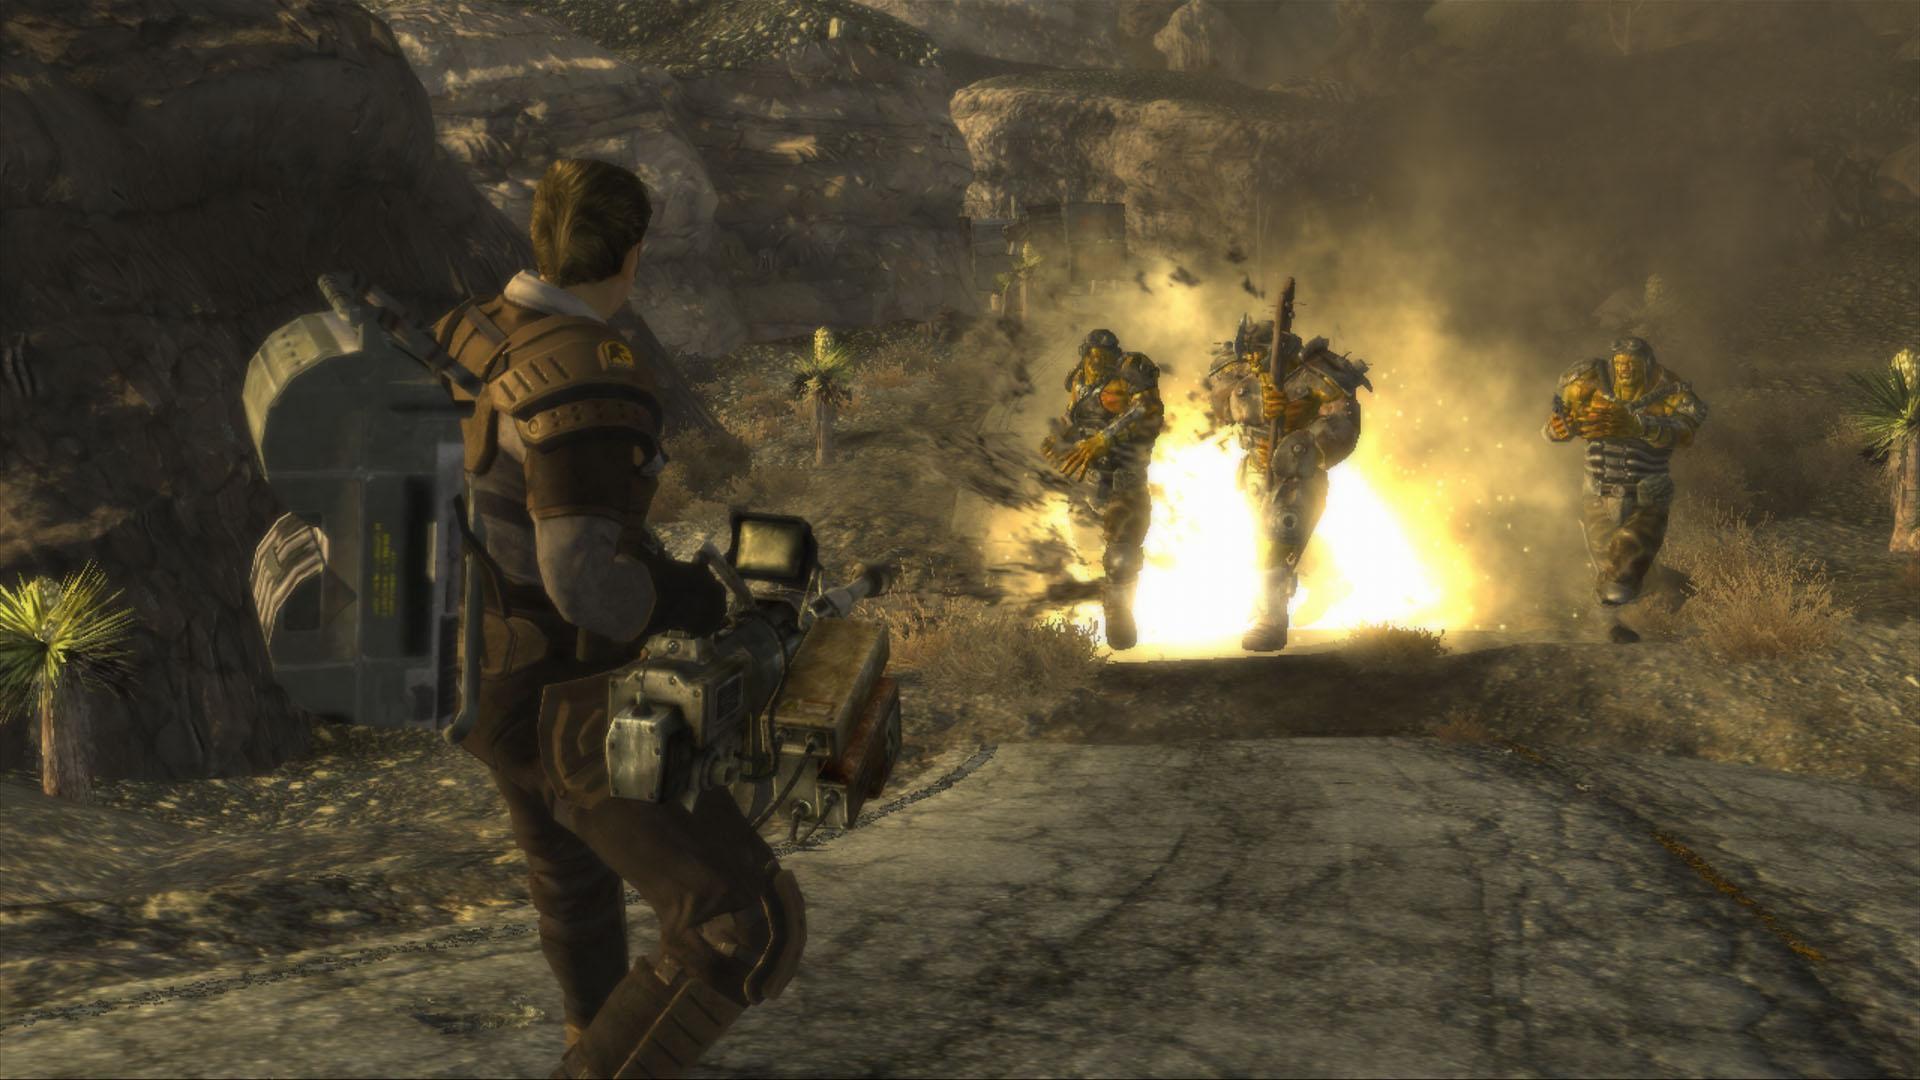 Итоги 2010-х: 10 лучших фантастических видеоигр поверсии читателей МФ 1